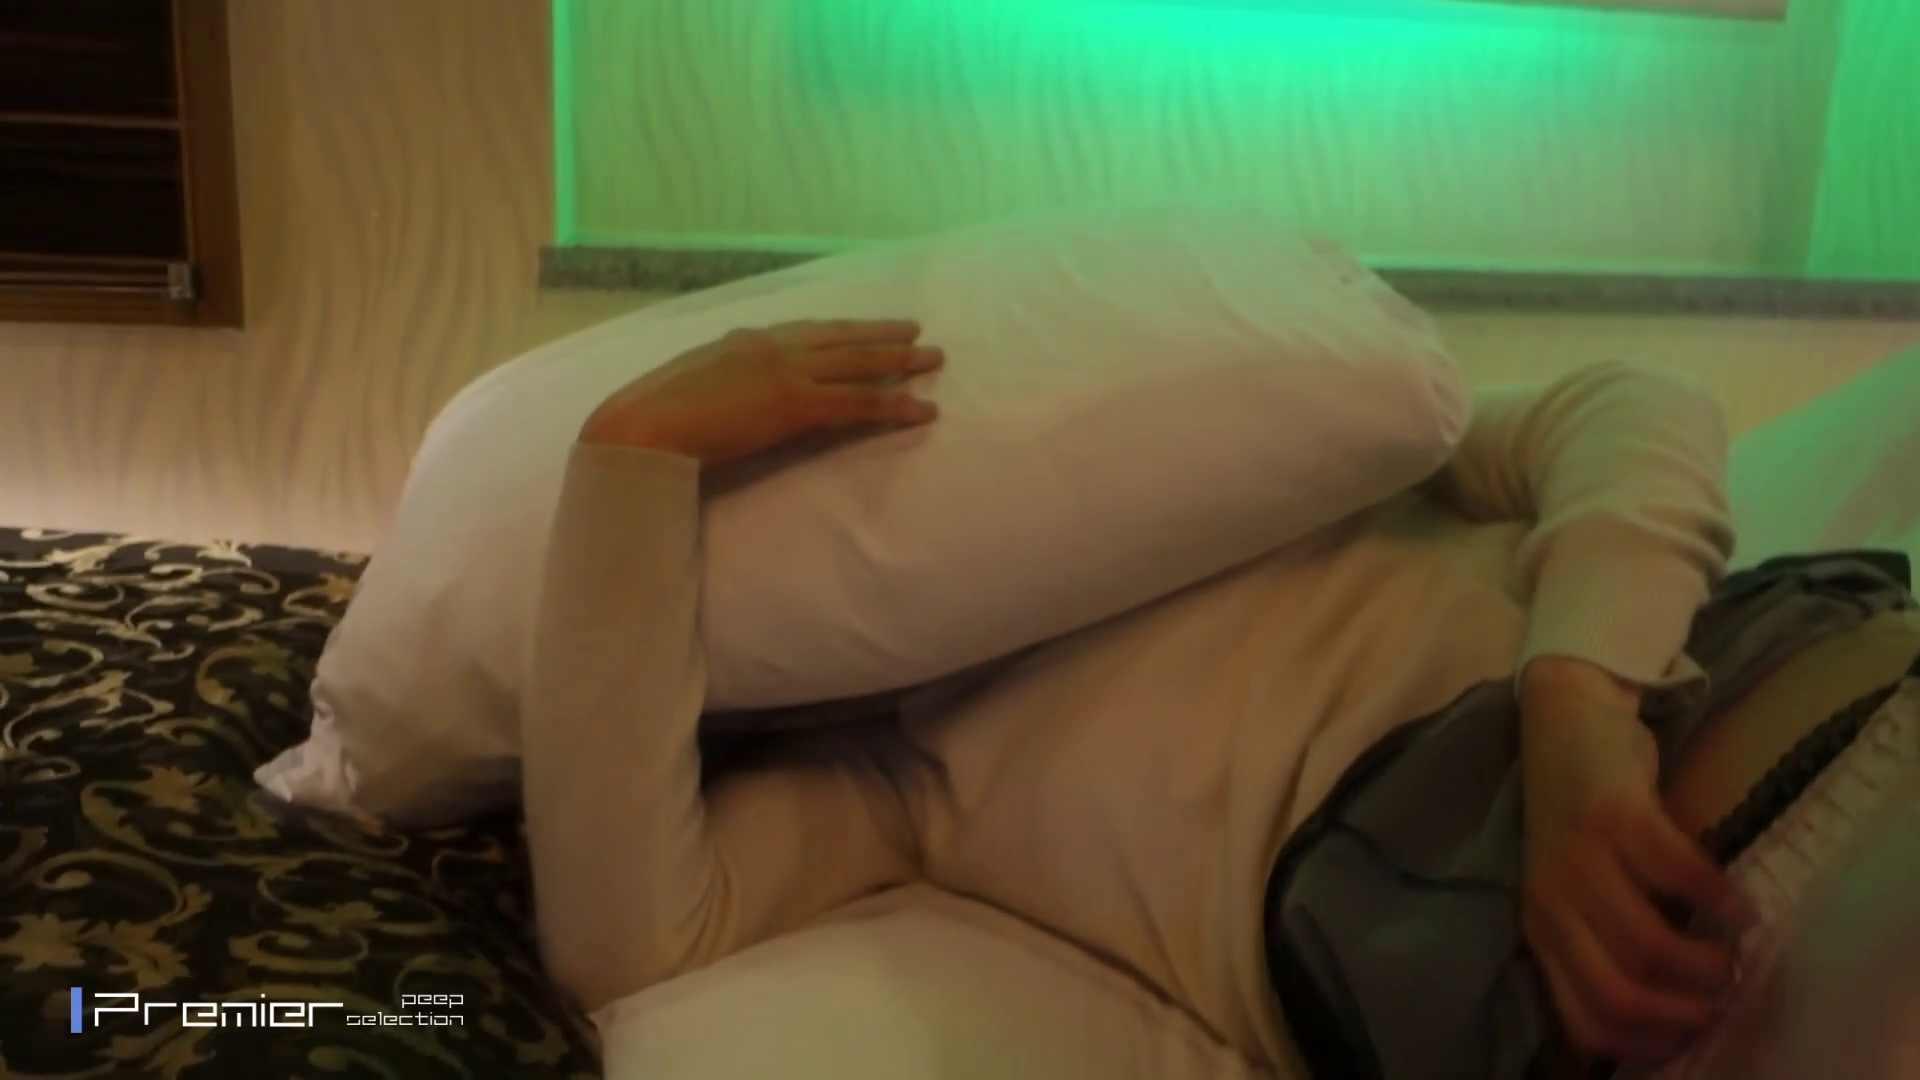 美女達の私生活に潜入!【ガチ交渉】清楚系女子大生へのお願い 放nyo&手コキ 色っぽい女子大生  94pic 4